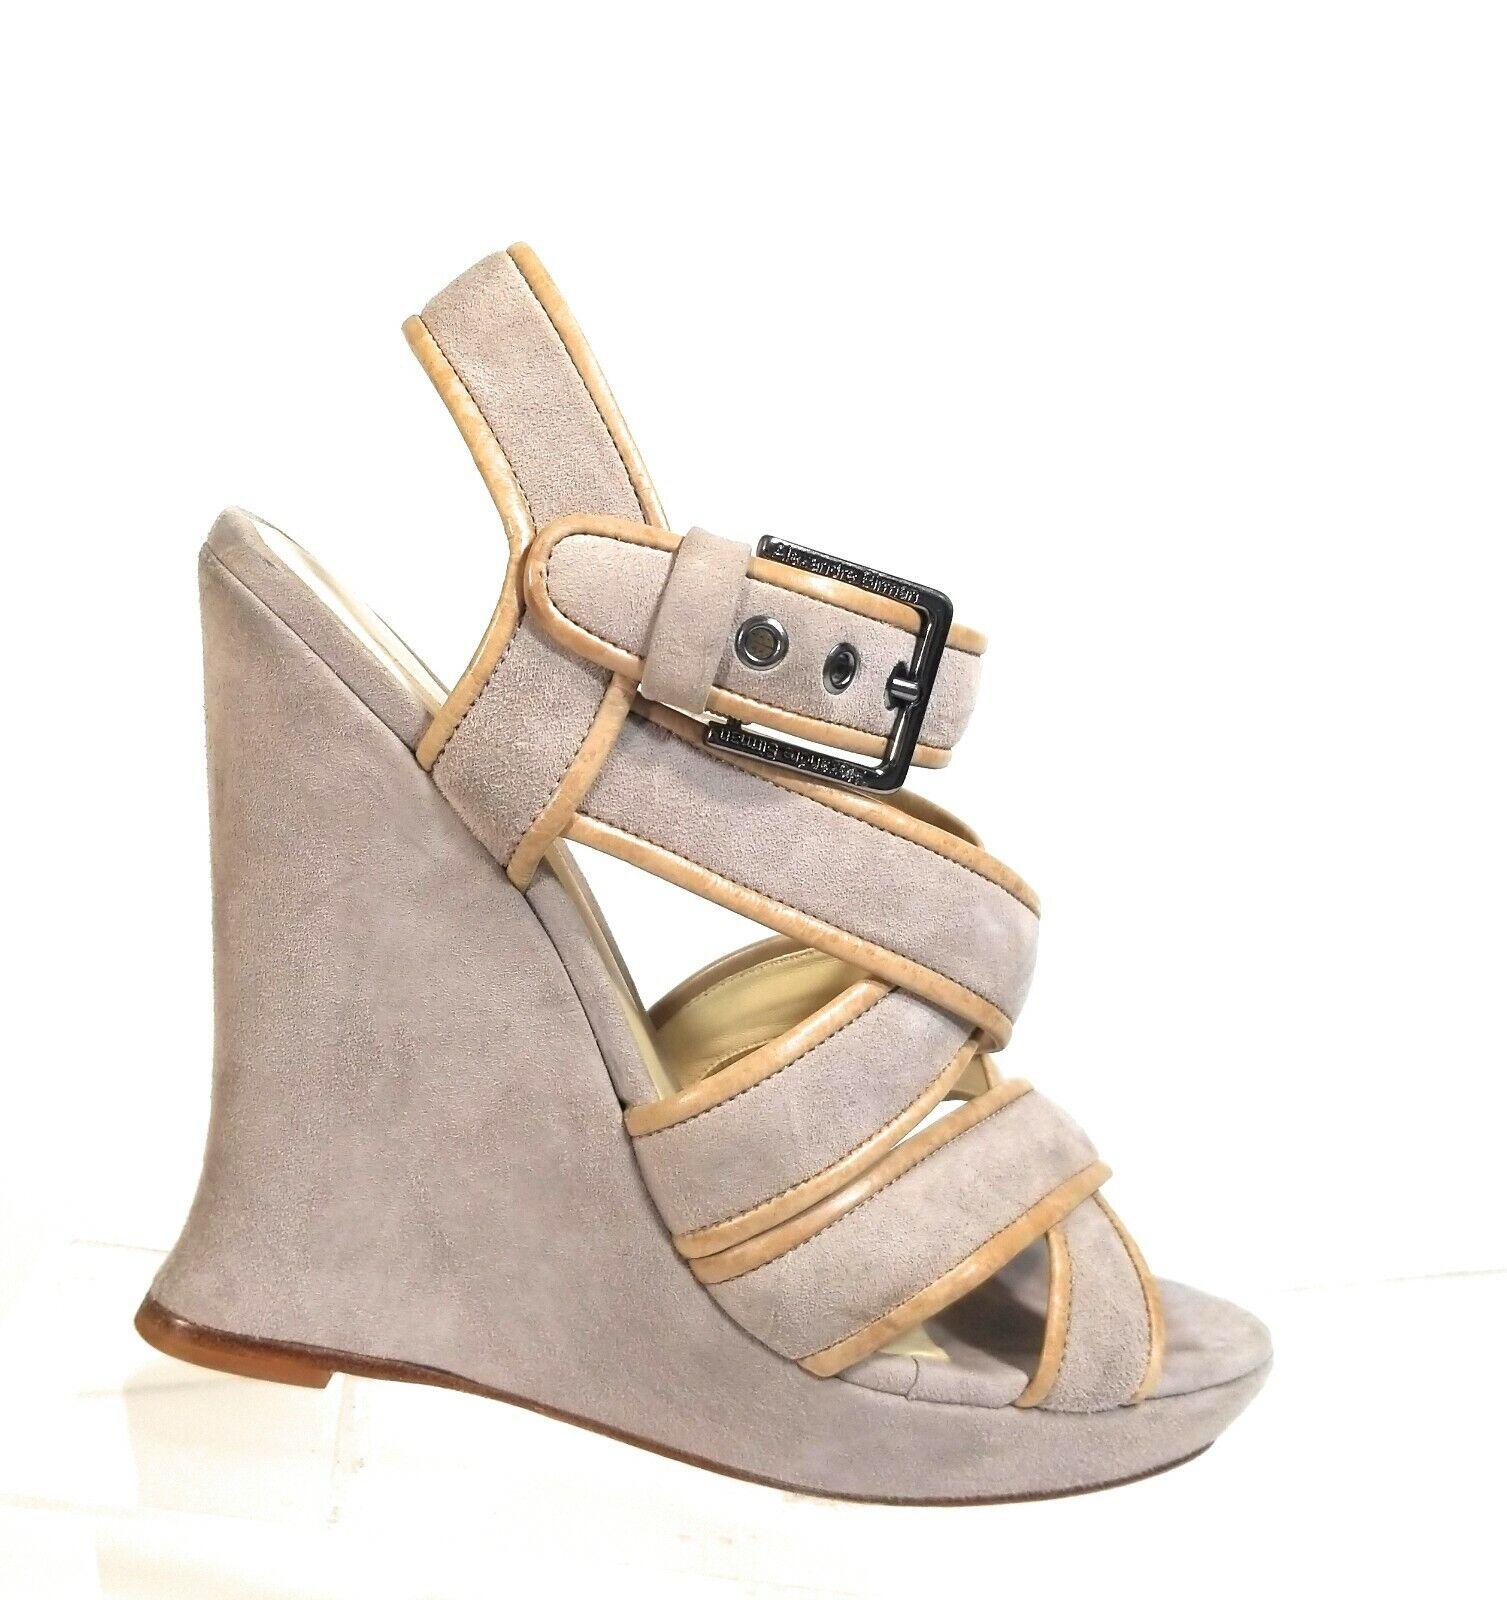 Alexandre Birman Women's Shoes Tan Gray Platform Pumps Wedges Strap Sandals Sz 9